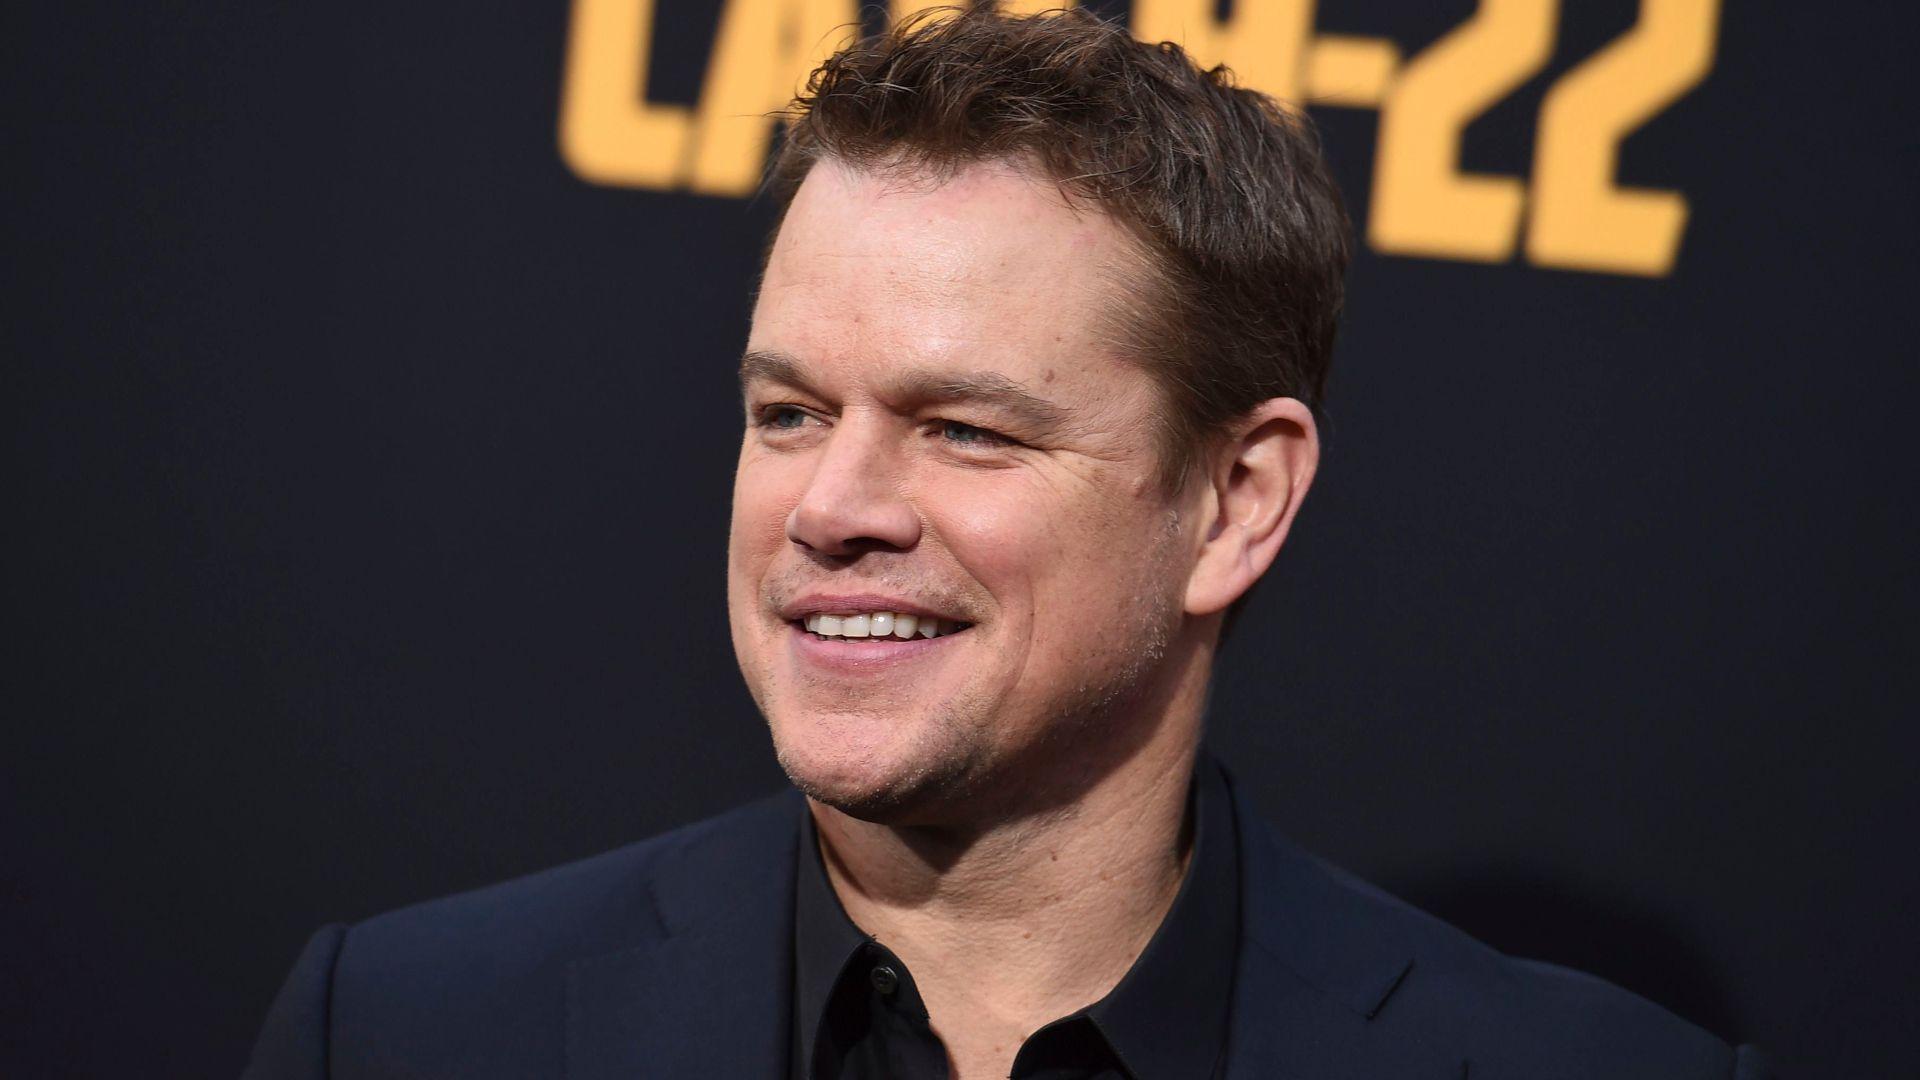 Il nuovo film di Tom McCarthy con Matt Damon uscirà nel 2020 per puntare  agli Oscar